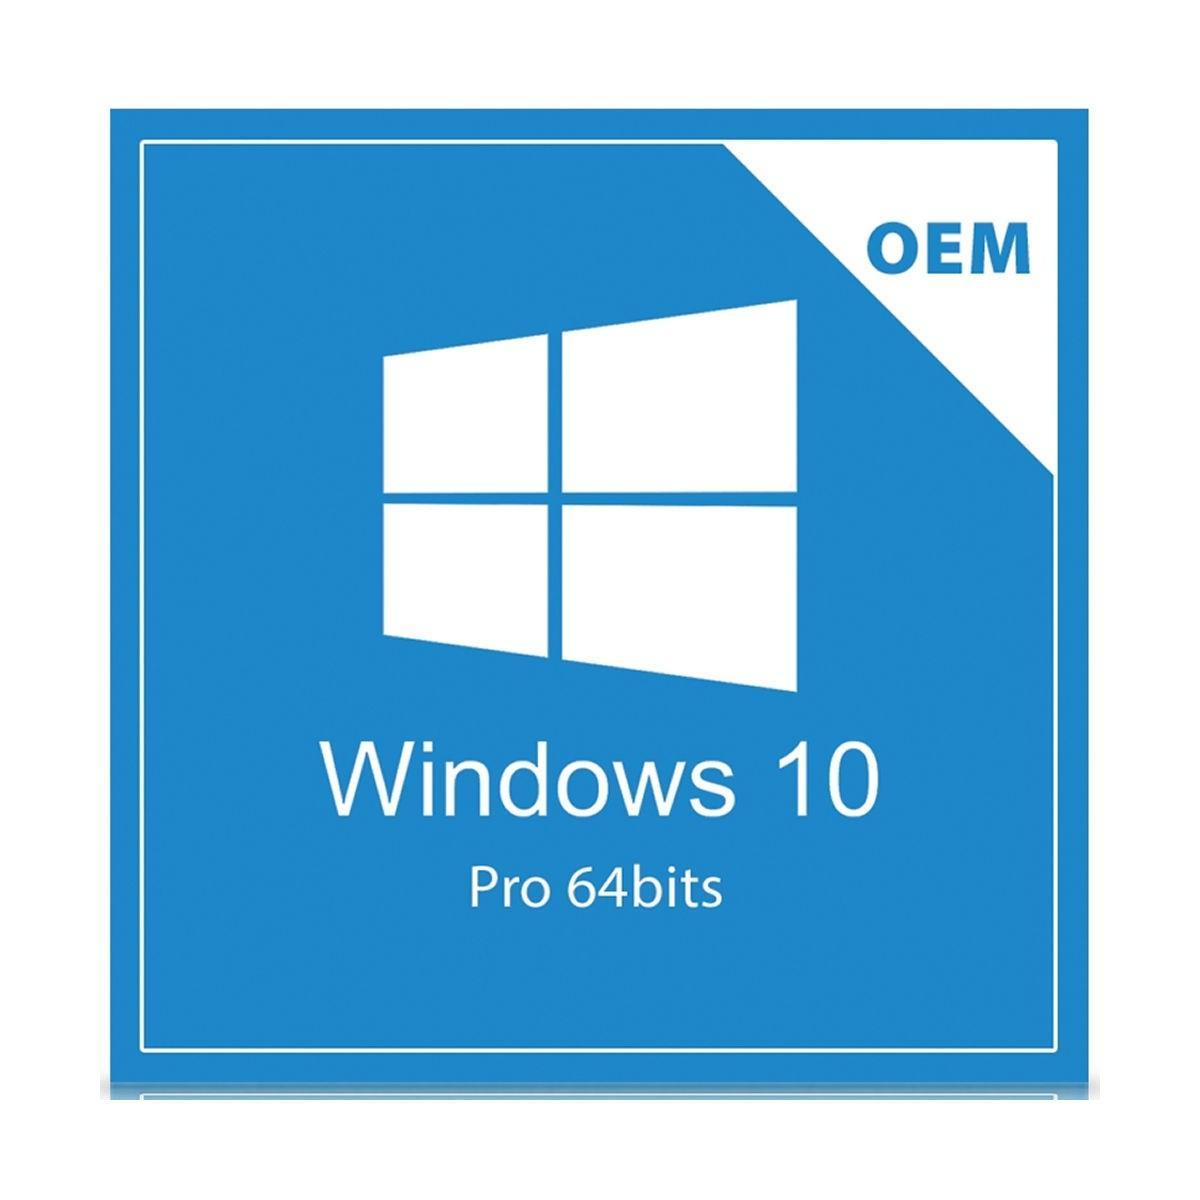 Hình ảnh Bộ cài đặt Đĩa DVD Window 10 Pro 64 bit phiên bản mới không tự động cập nhật